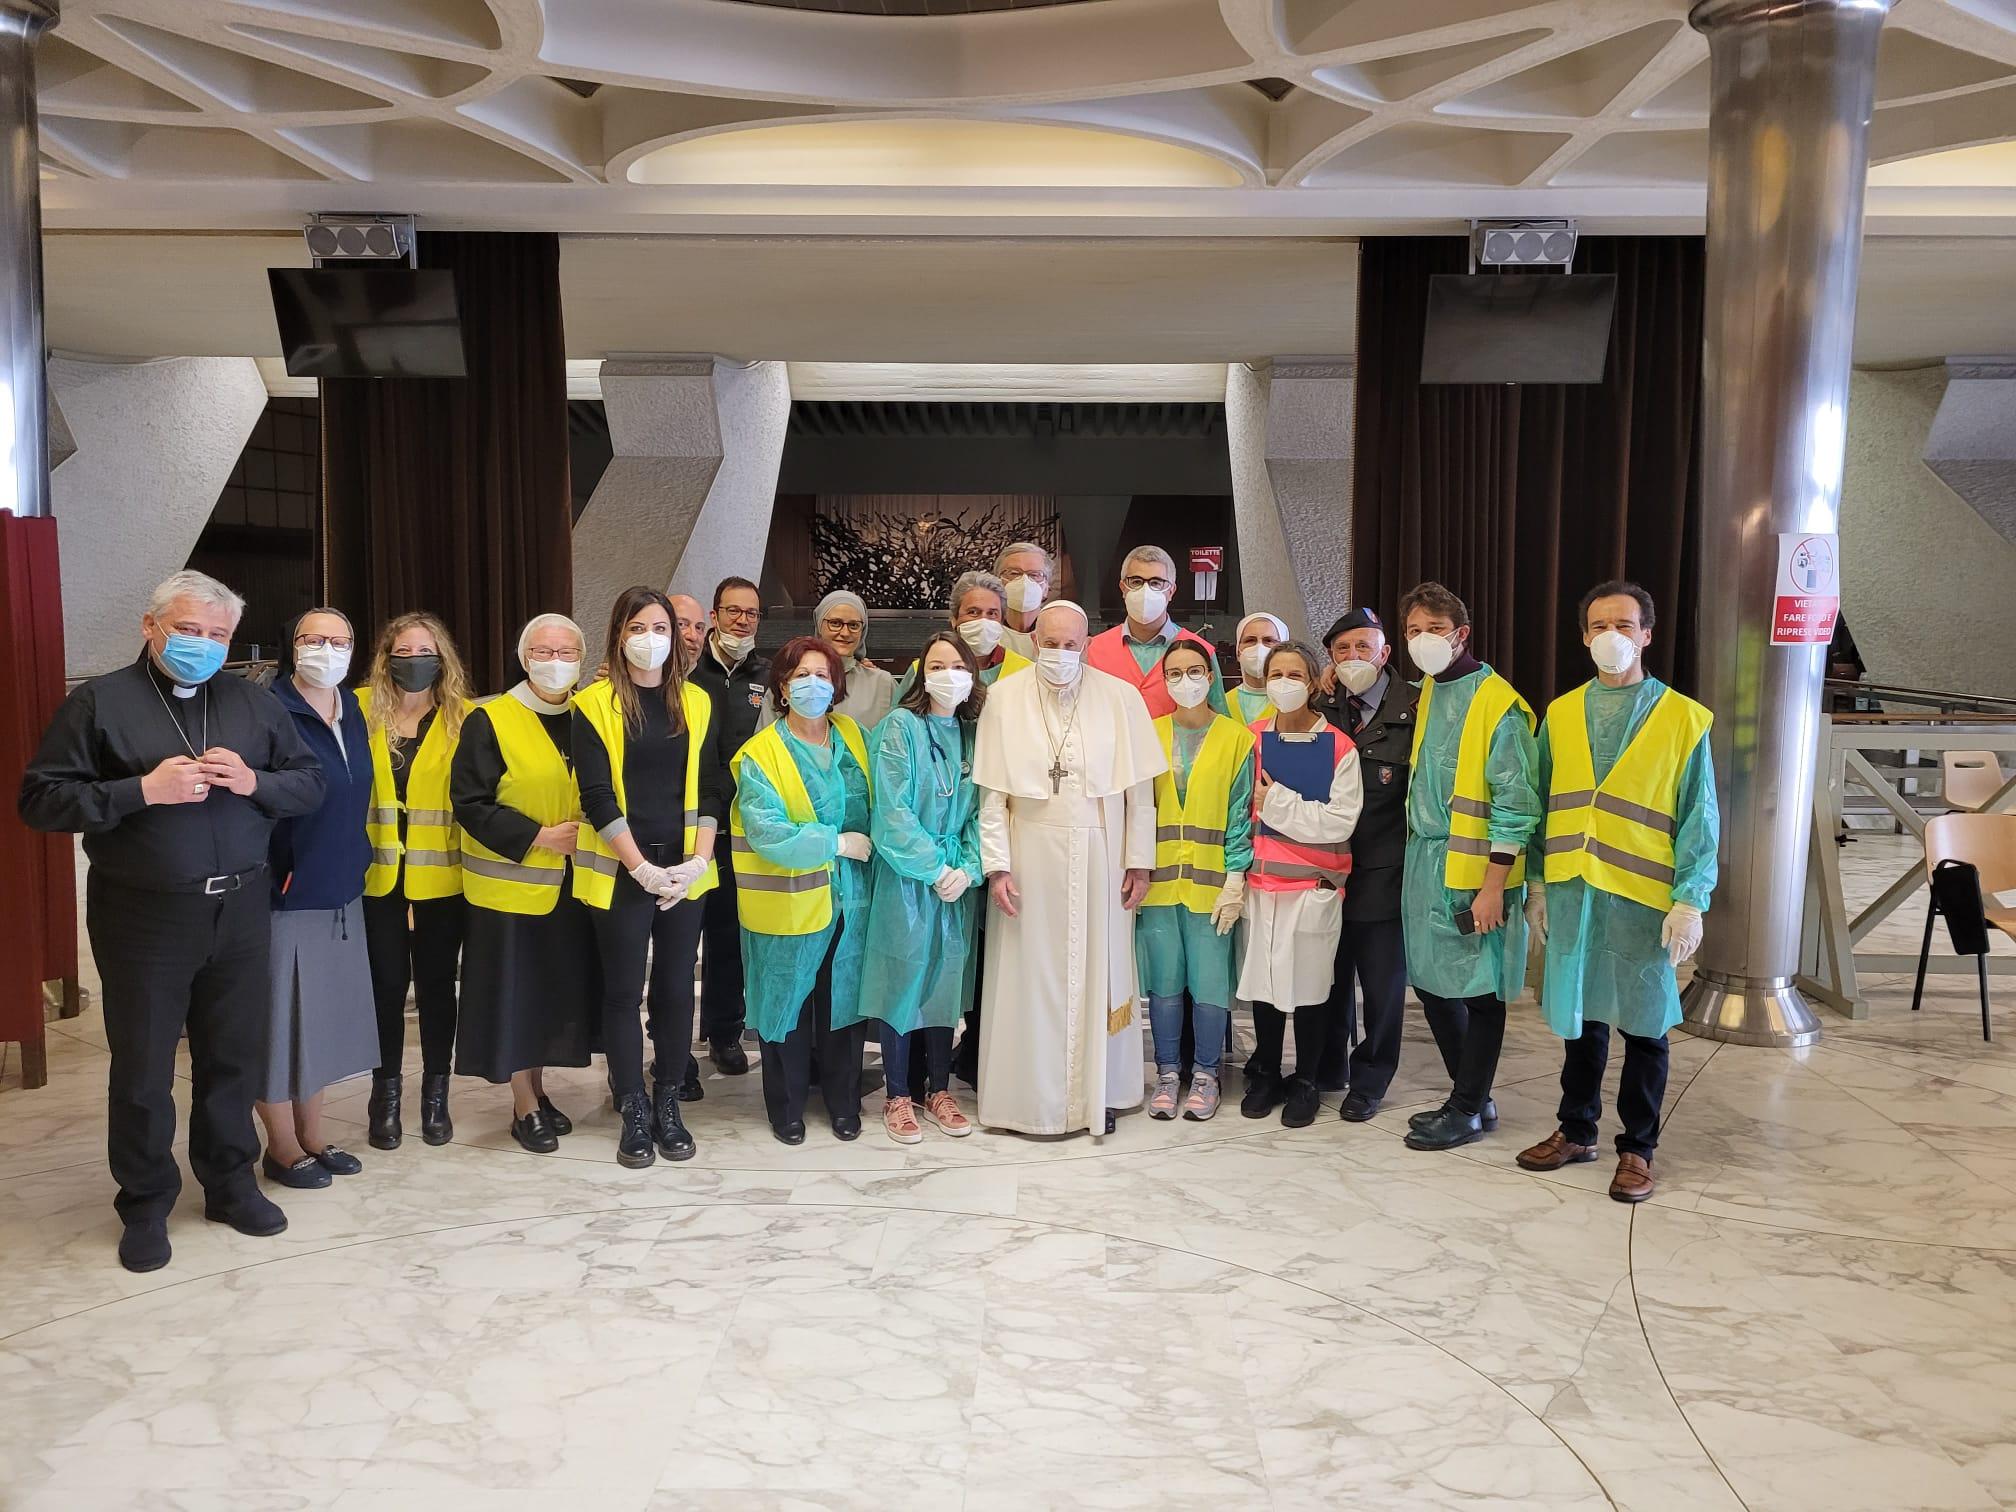 Visite du pape aux personnes démunies recevant le vaccin, 2 avril 2021© Vatican Media